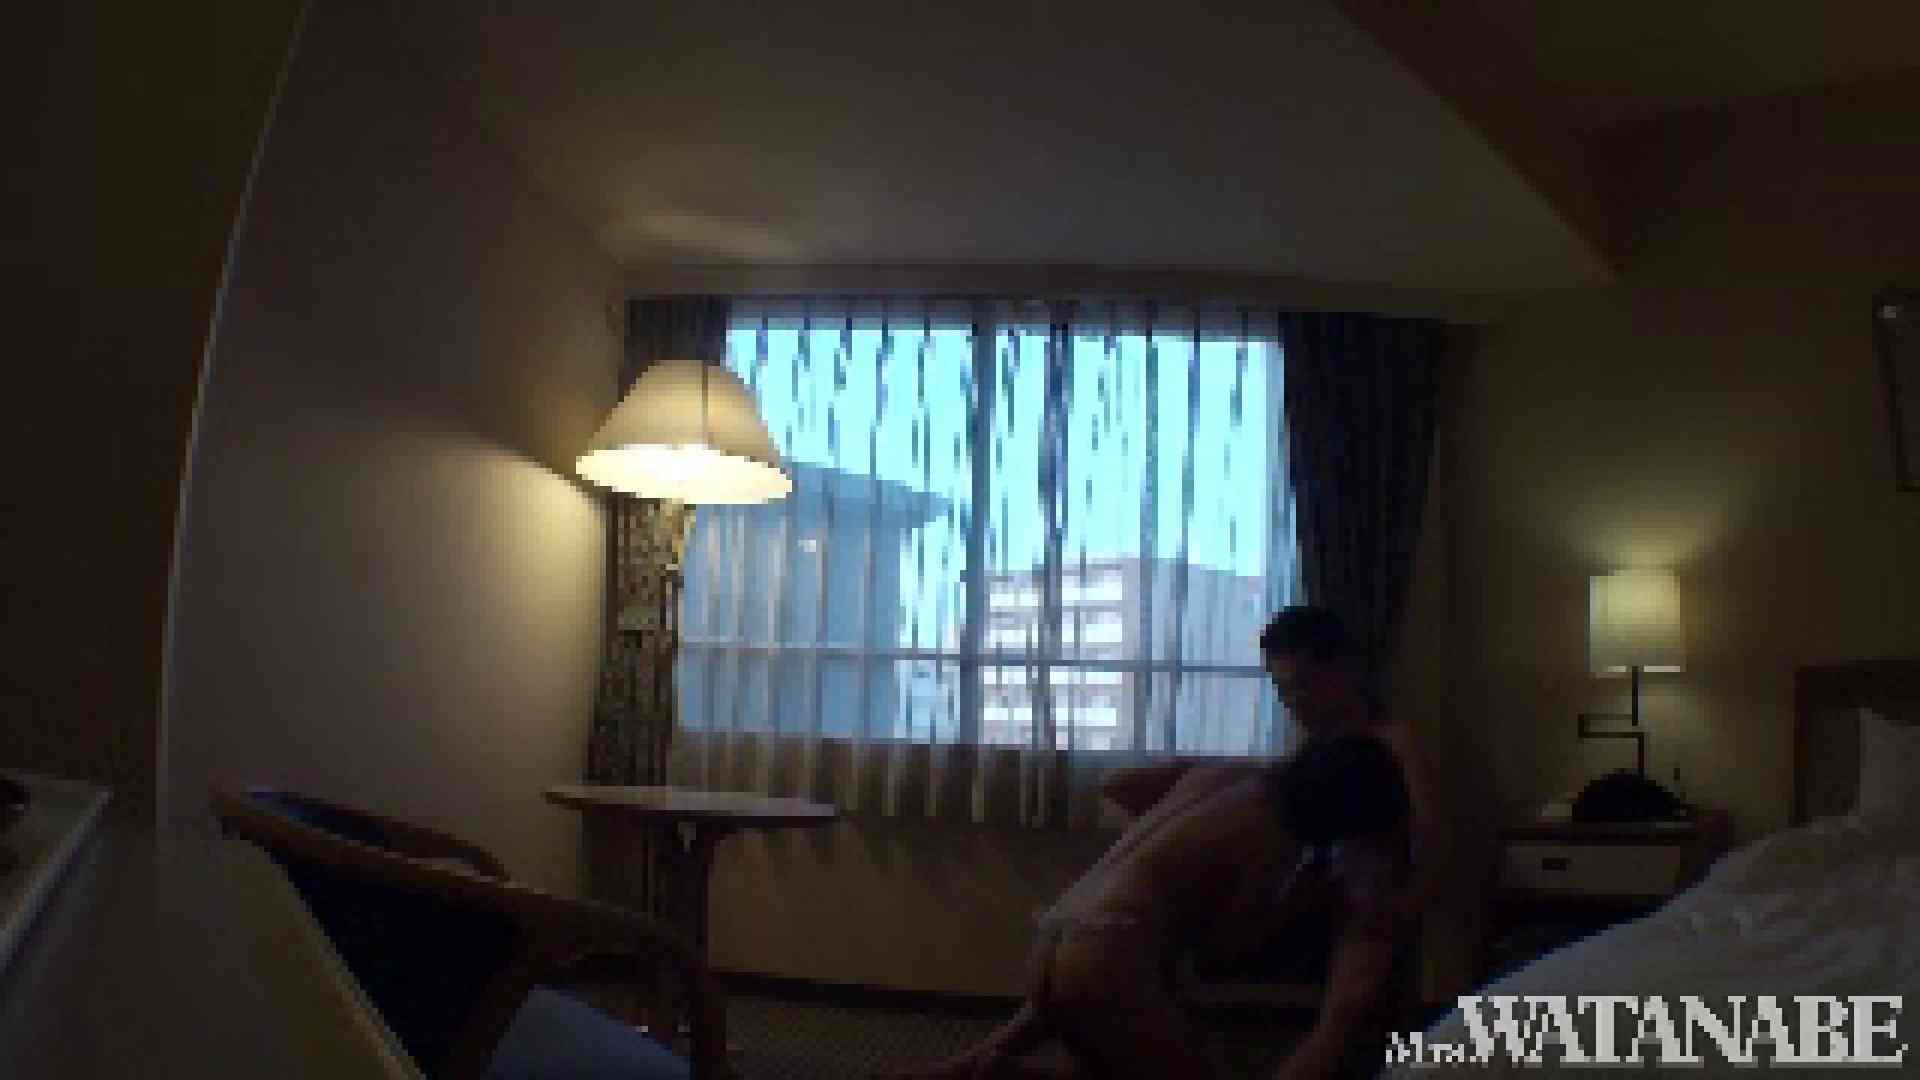 撮影スタッフを誘惑する痴熟女 かおり40歳 Vol.03 OLのエッチ | 熟女のエッチ  93pic 81